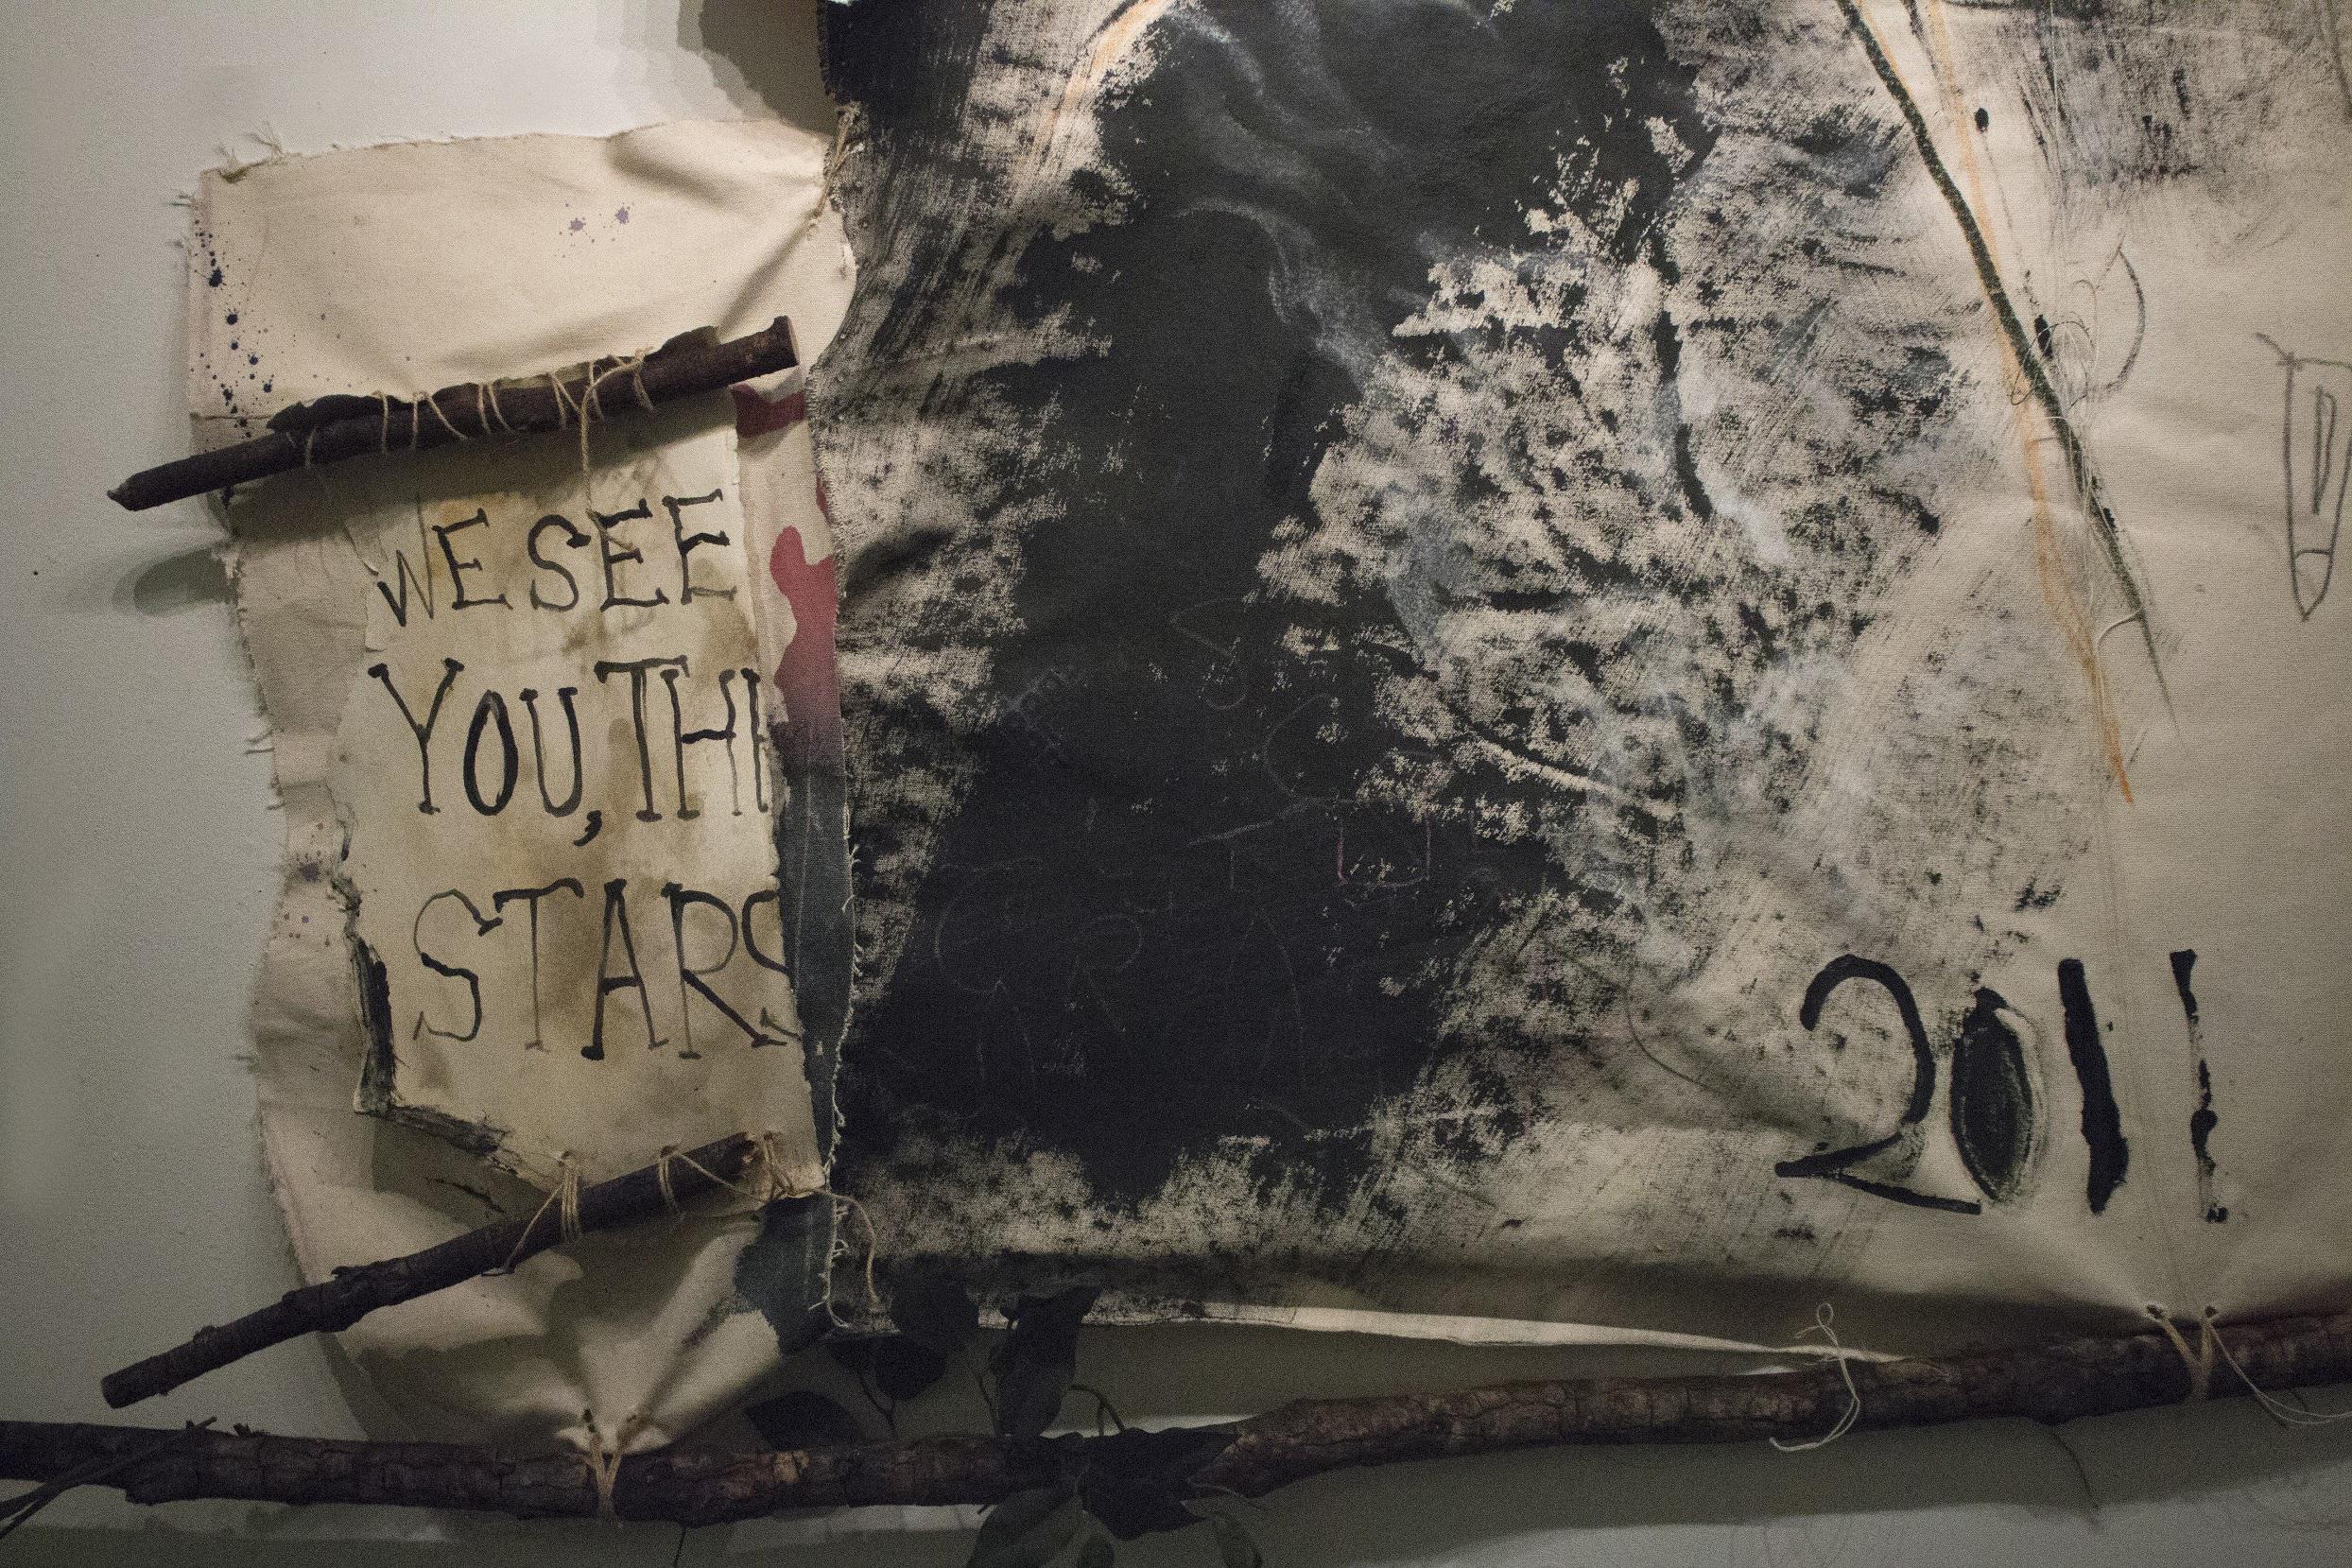 O Stars of Aleppo (detail)